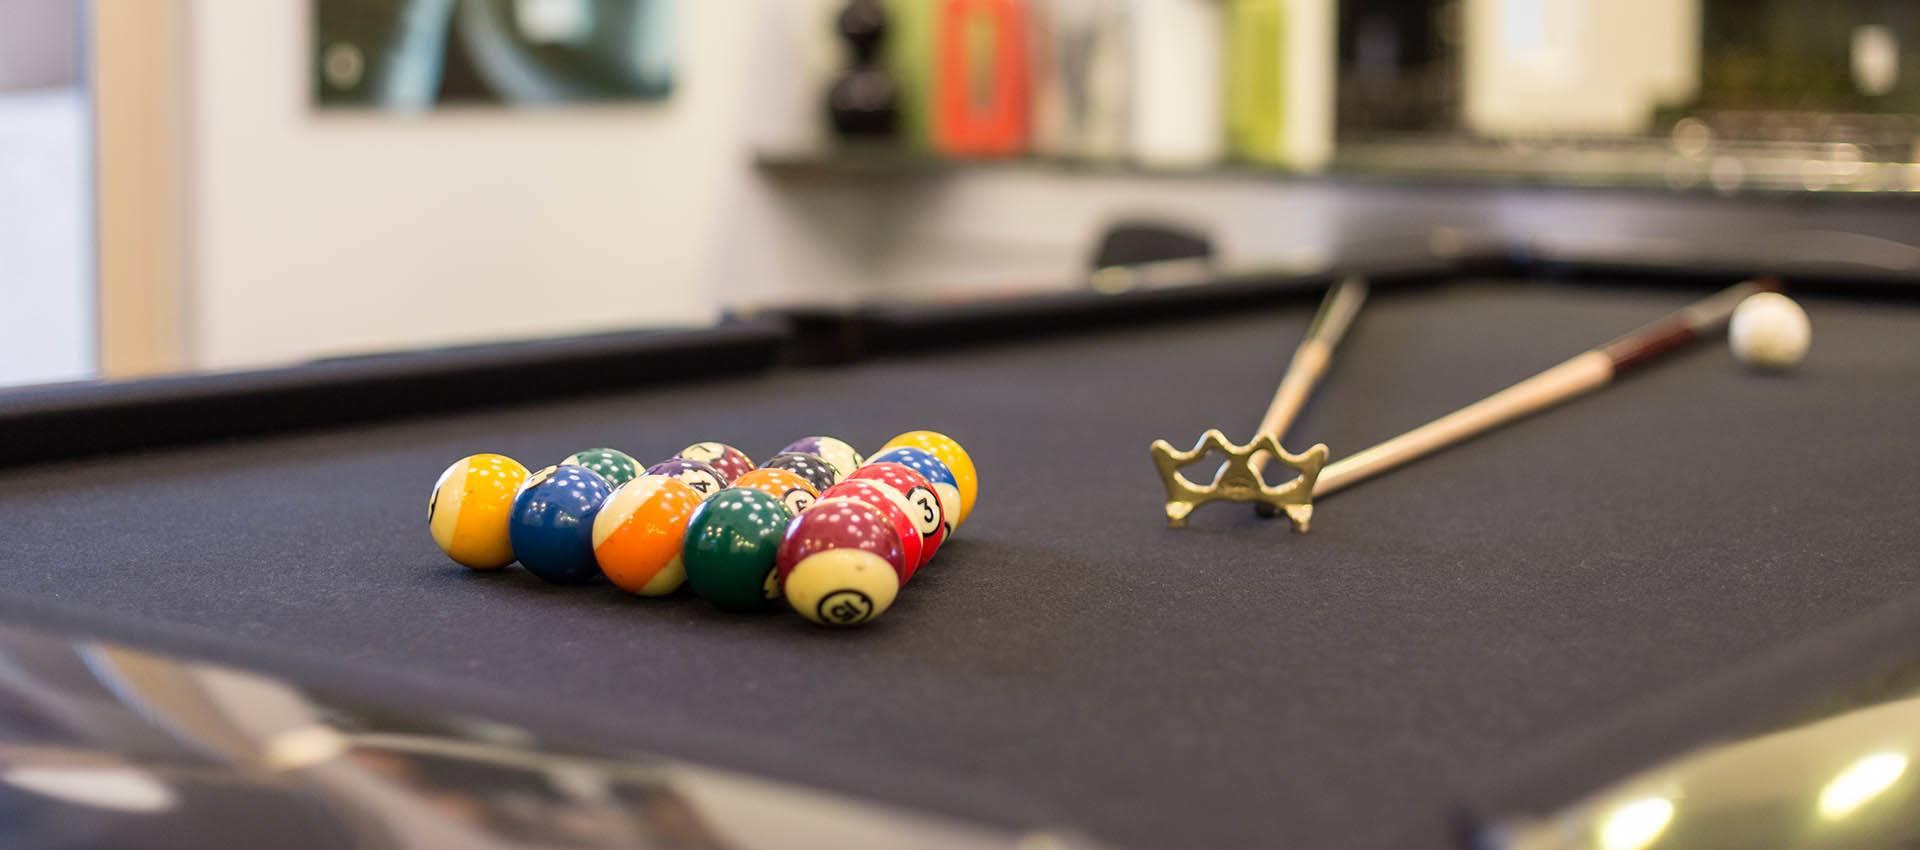 Billiards table at Venu at Galleria Condominium Rentals in Roseville , CA